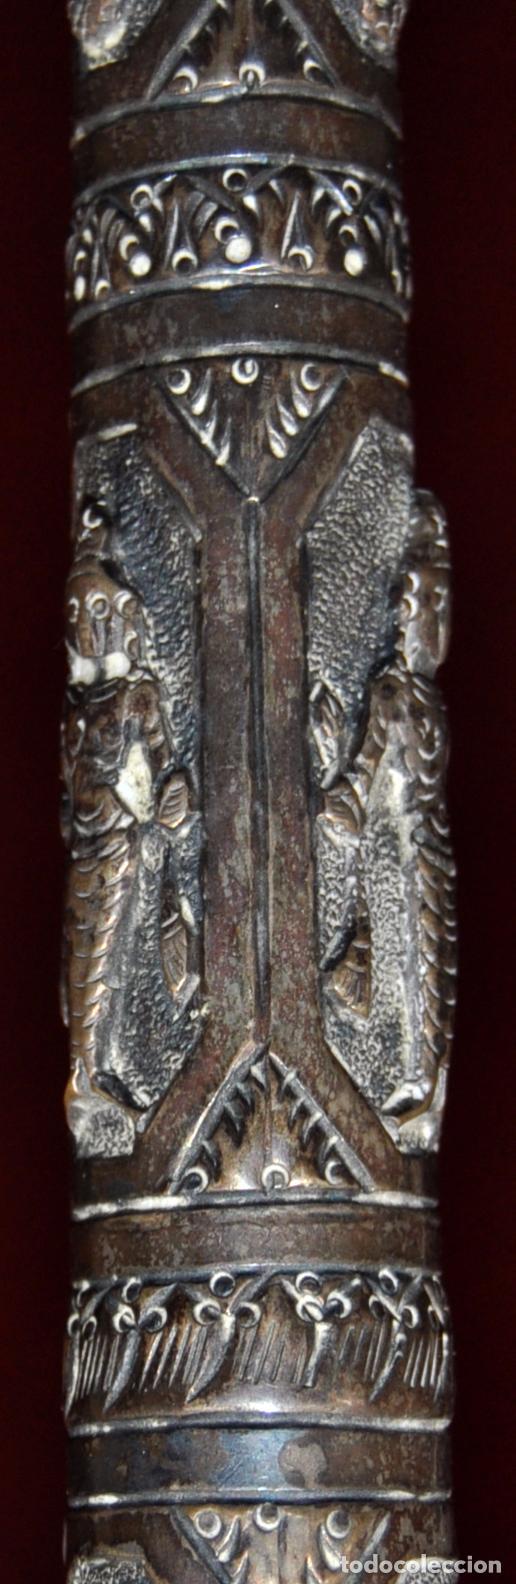 Antigüedades: ANTIGUO PARAGUAS O SOMBRILLA CON MANGO EN PLATA REPUJADA CON ESCENAS HINDUES - Foto 4 - 71066401